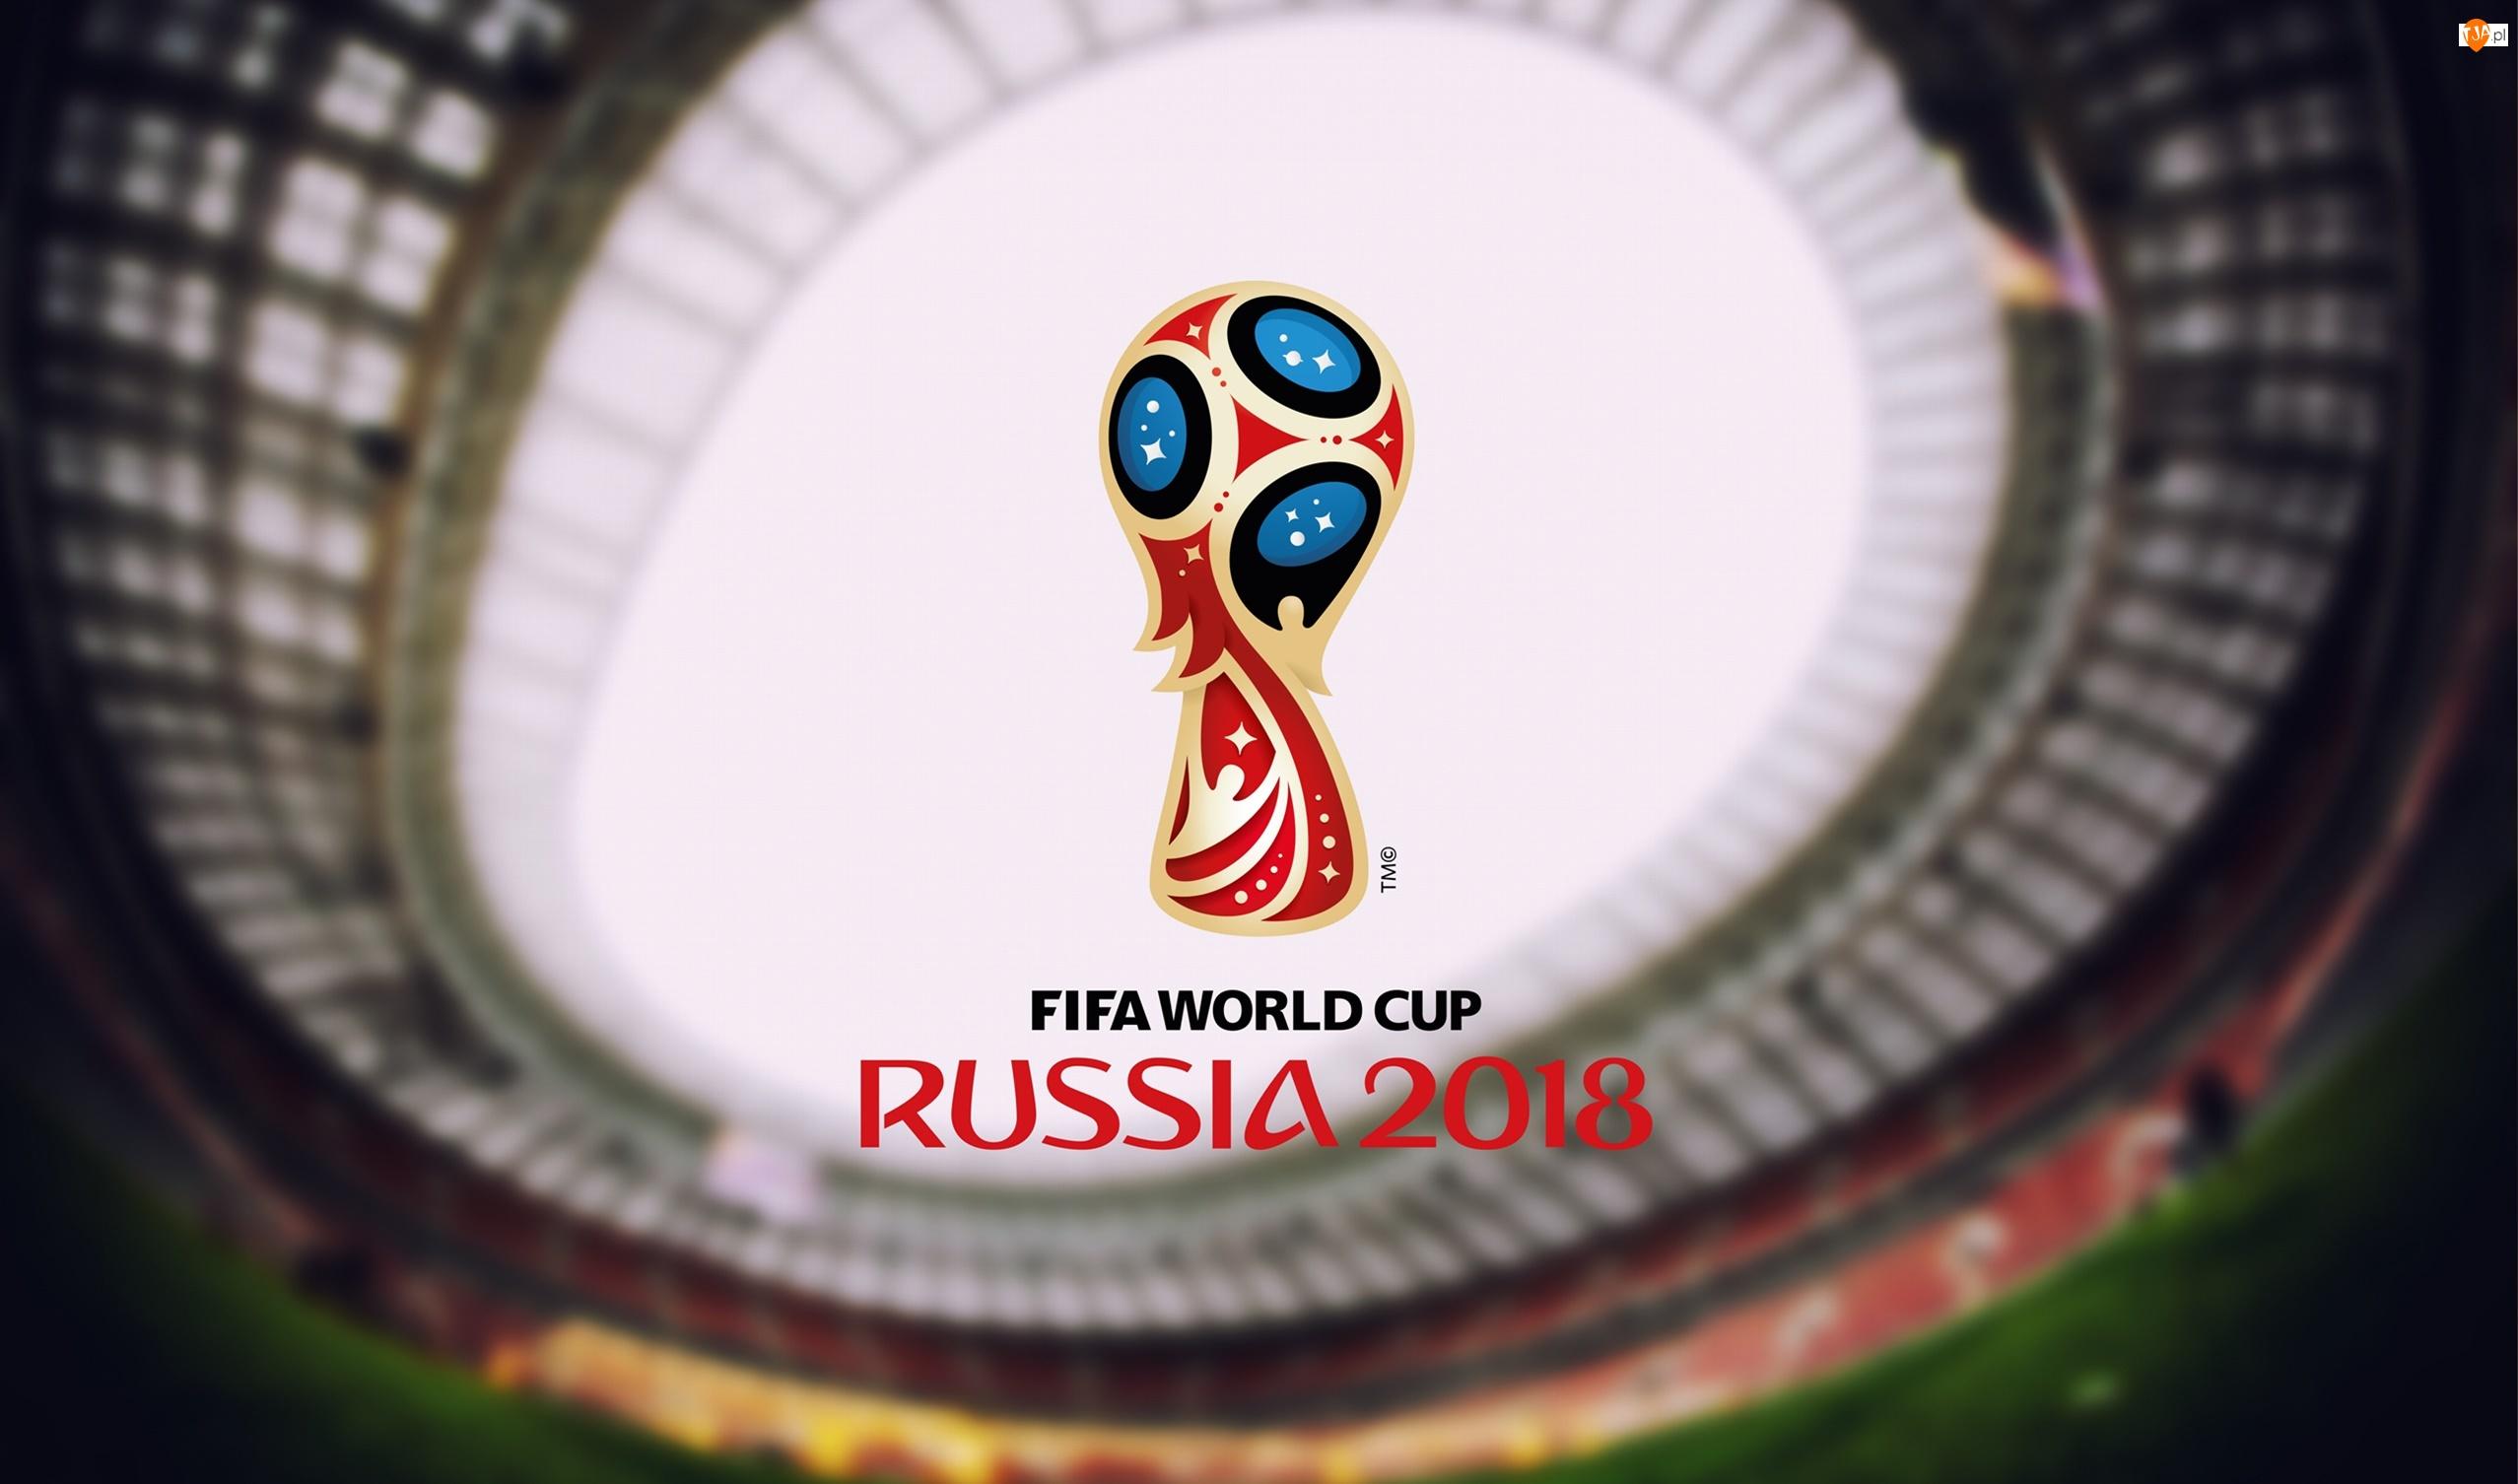 Rosja, Mistrzostwa Świata FIFA 2018